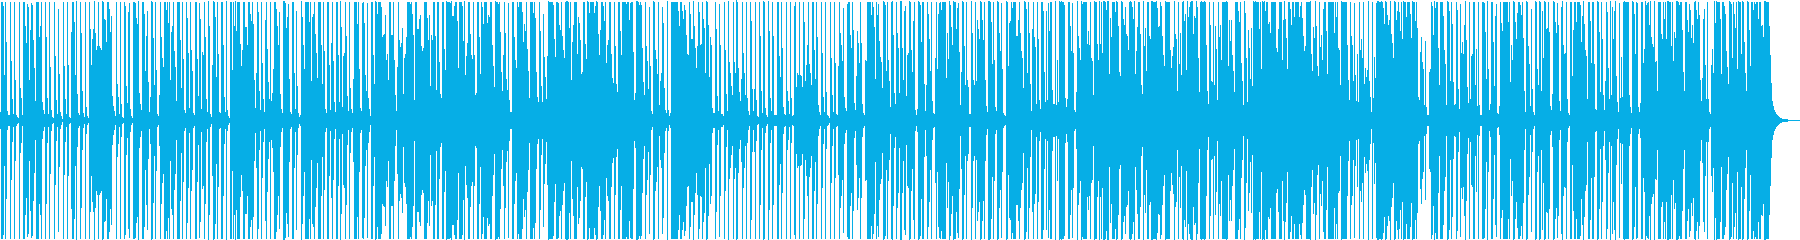 楽しくて軽やかな口笛のポップスの再生済みの波形